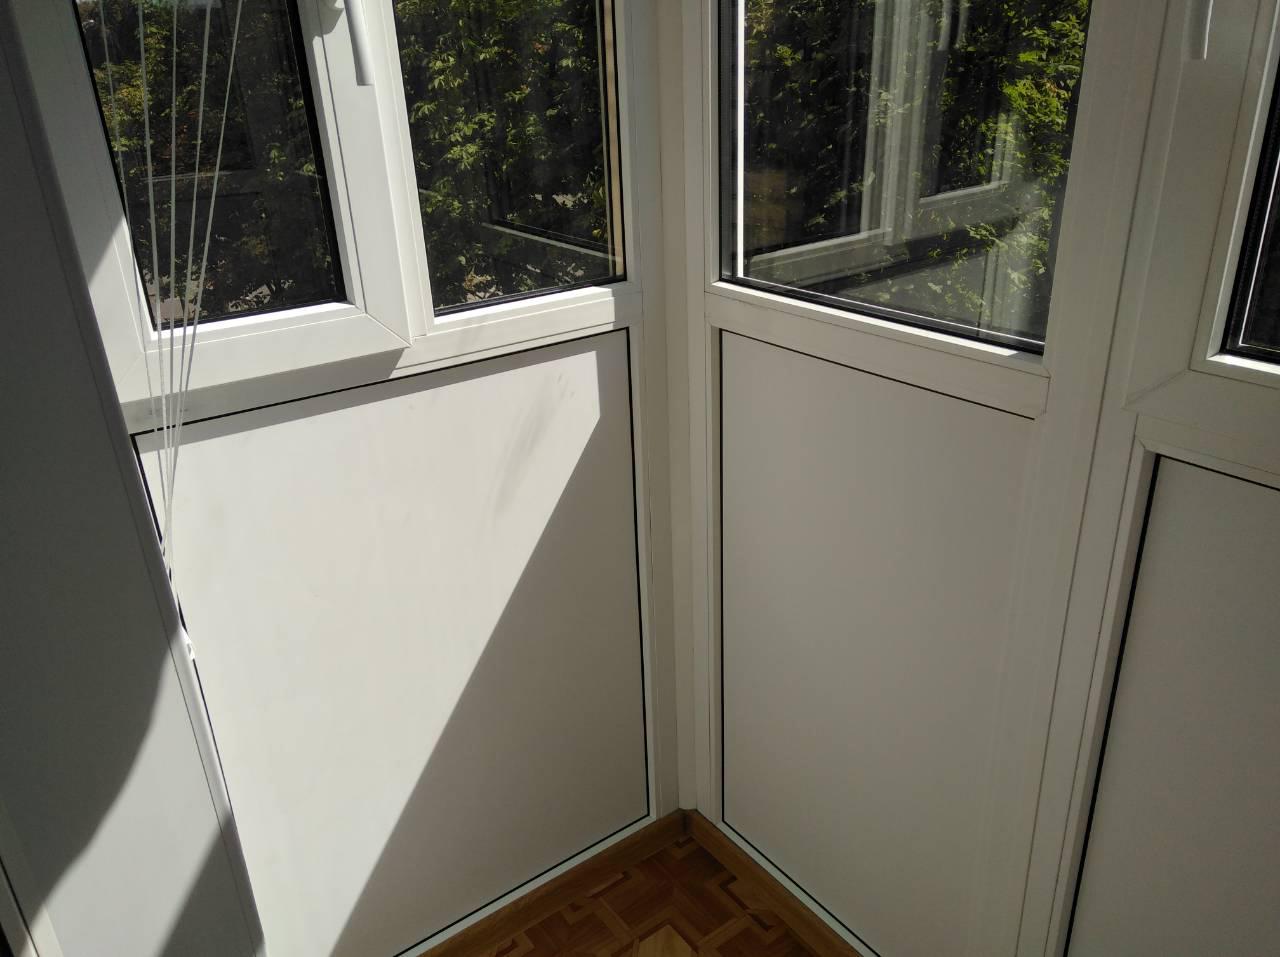 Как вставлять окна в сэндвич панели: монтаж окон в термопрофиль